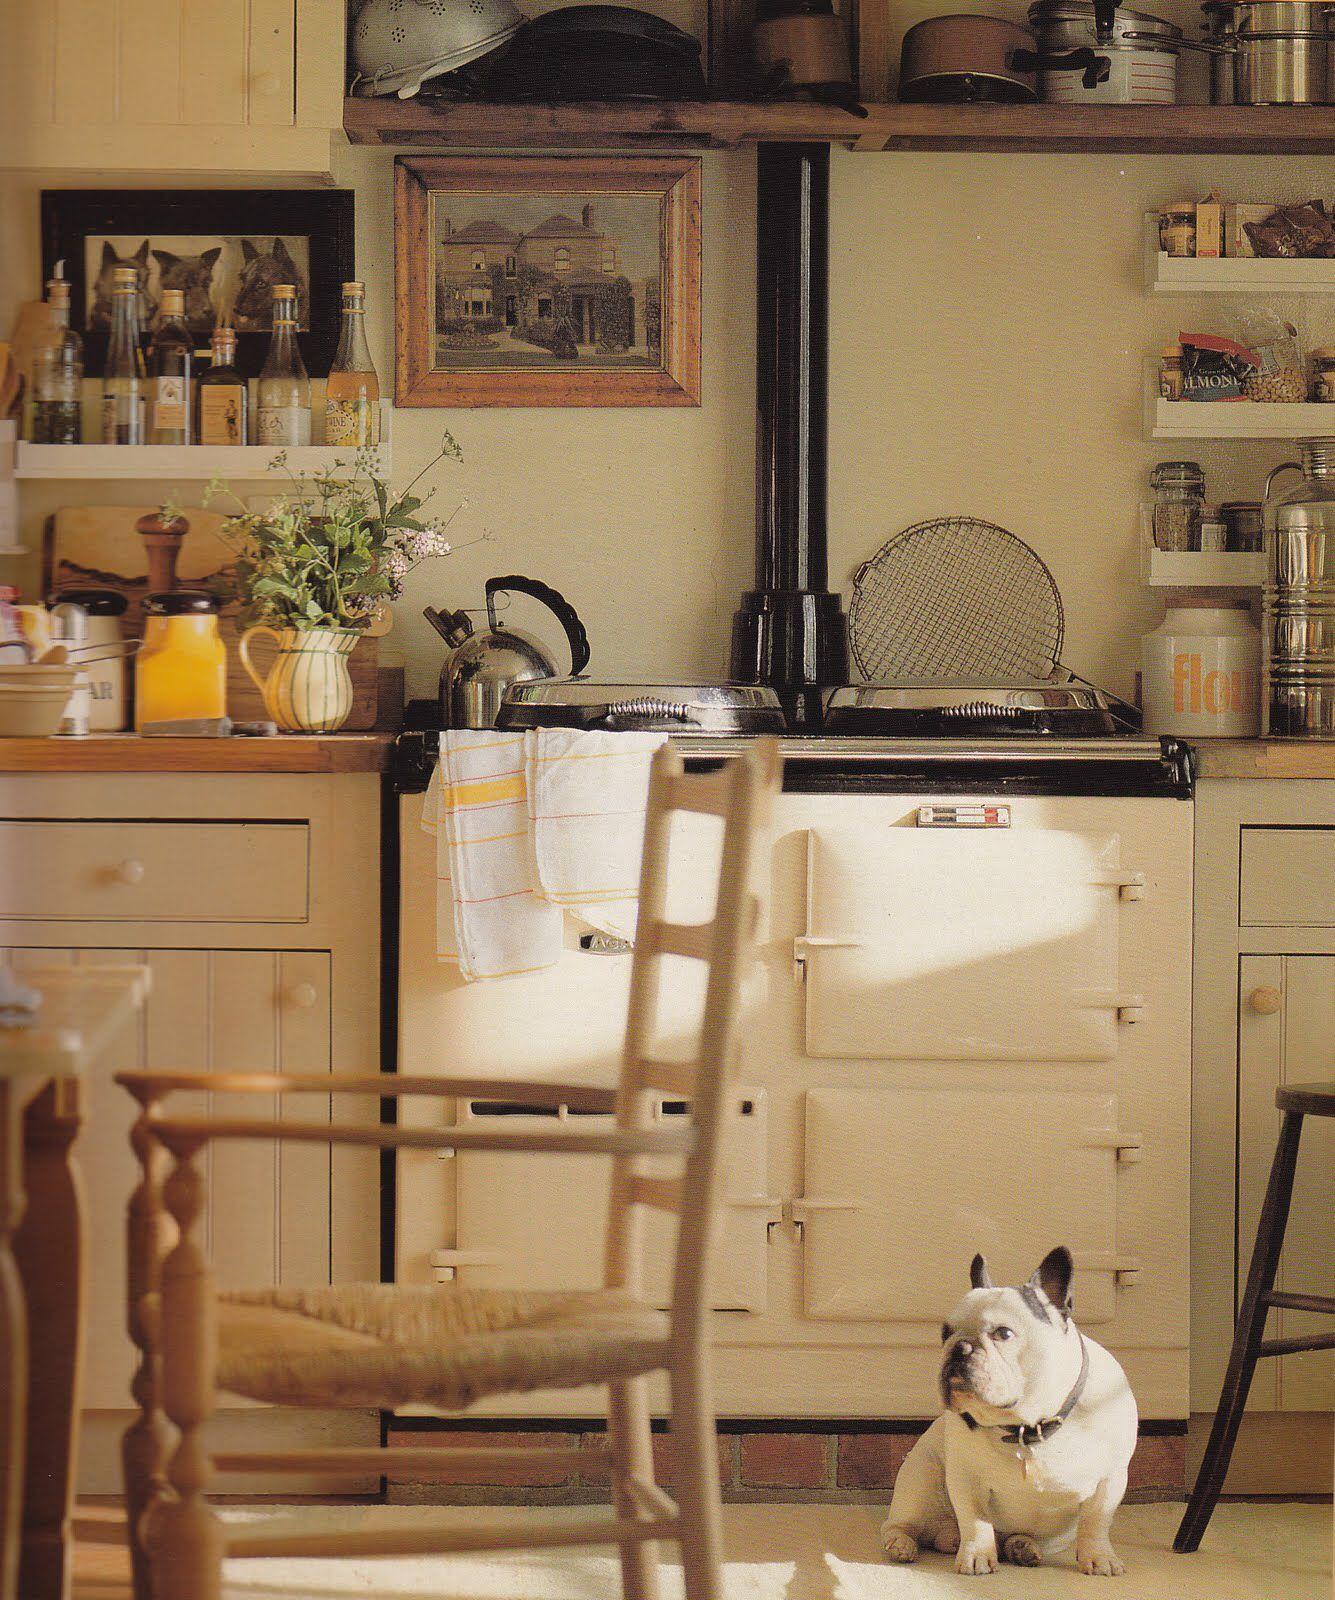 Pin von Chevee auf Kitchen Decor | Pinterest | Schönes leben, Leben ...